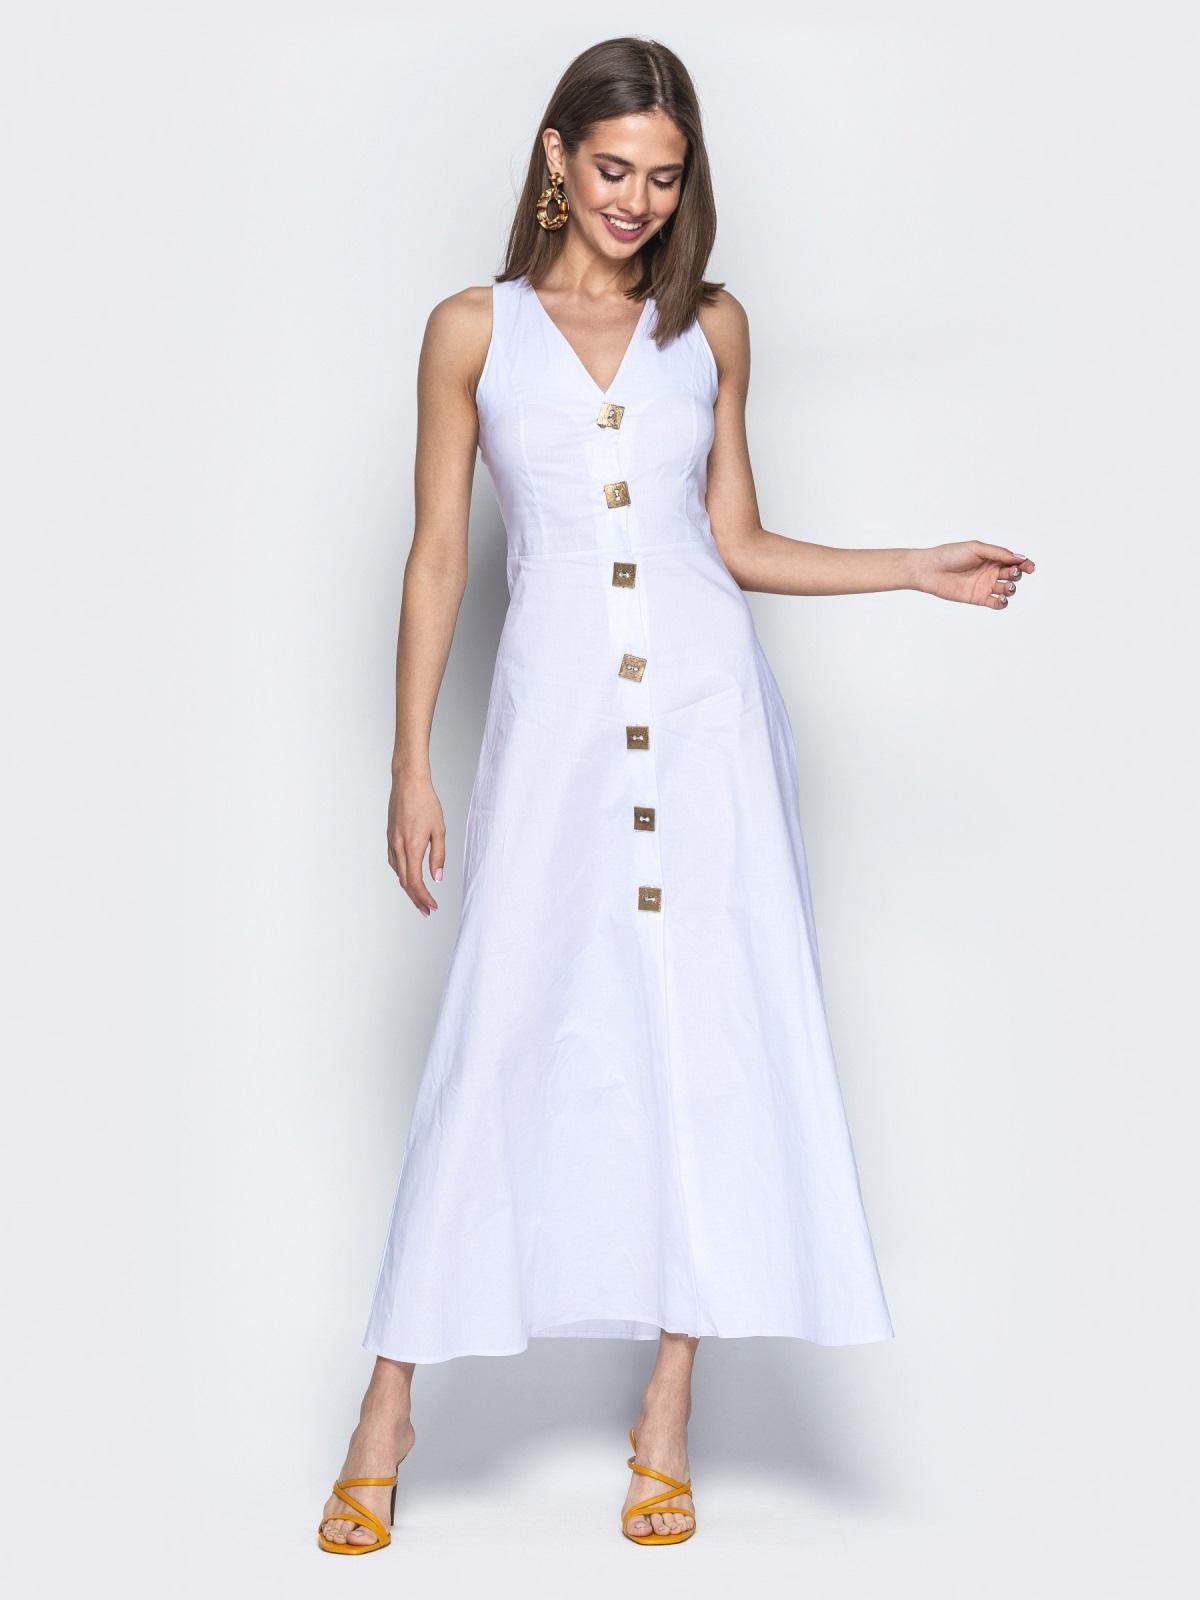 Приталенное платье-макси с квадратными пуговицами белое - 21707, фото 1 – интернет-магазин Dressa